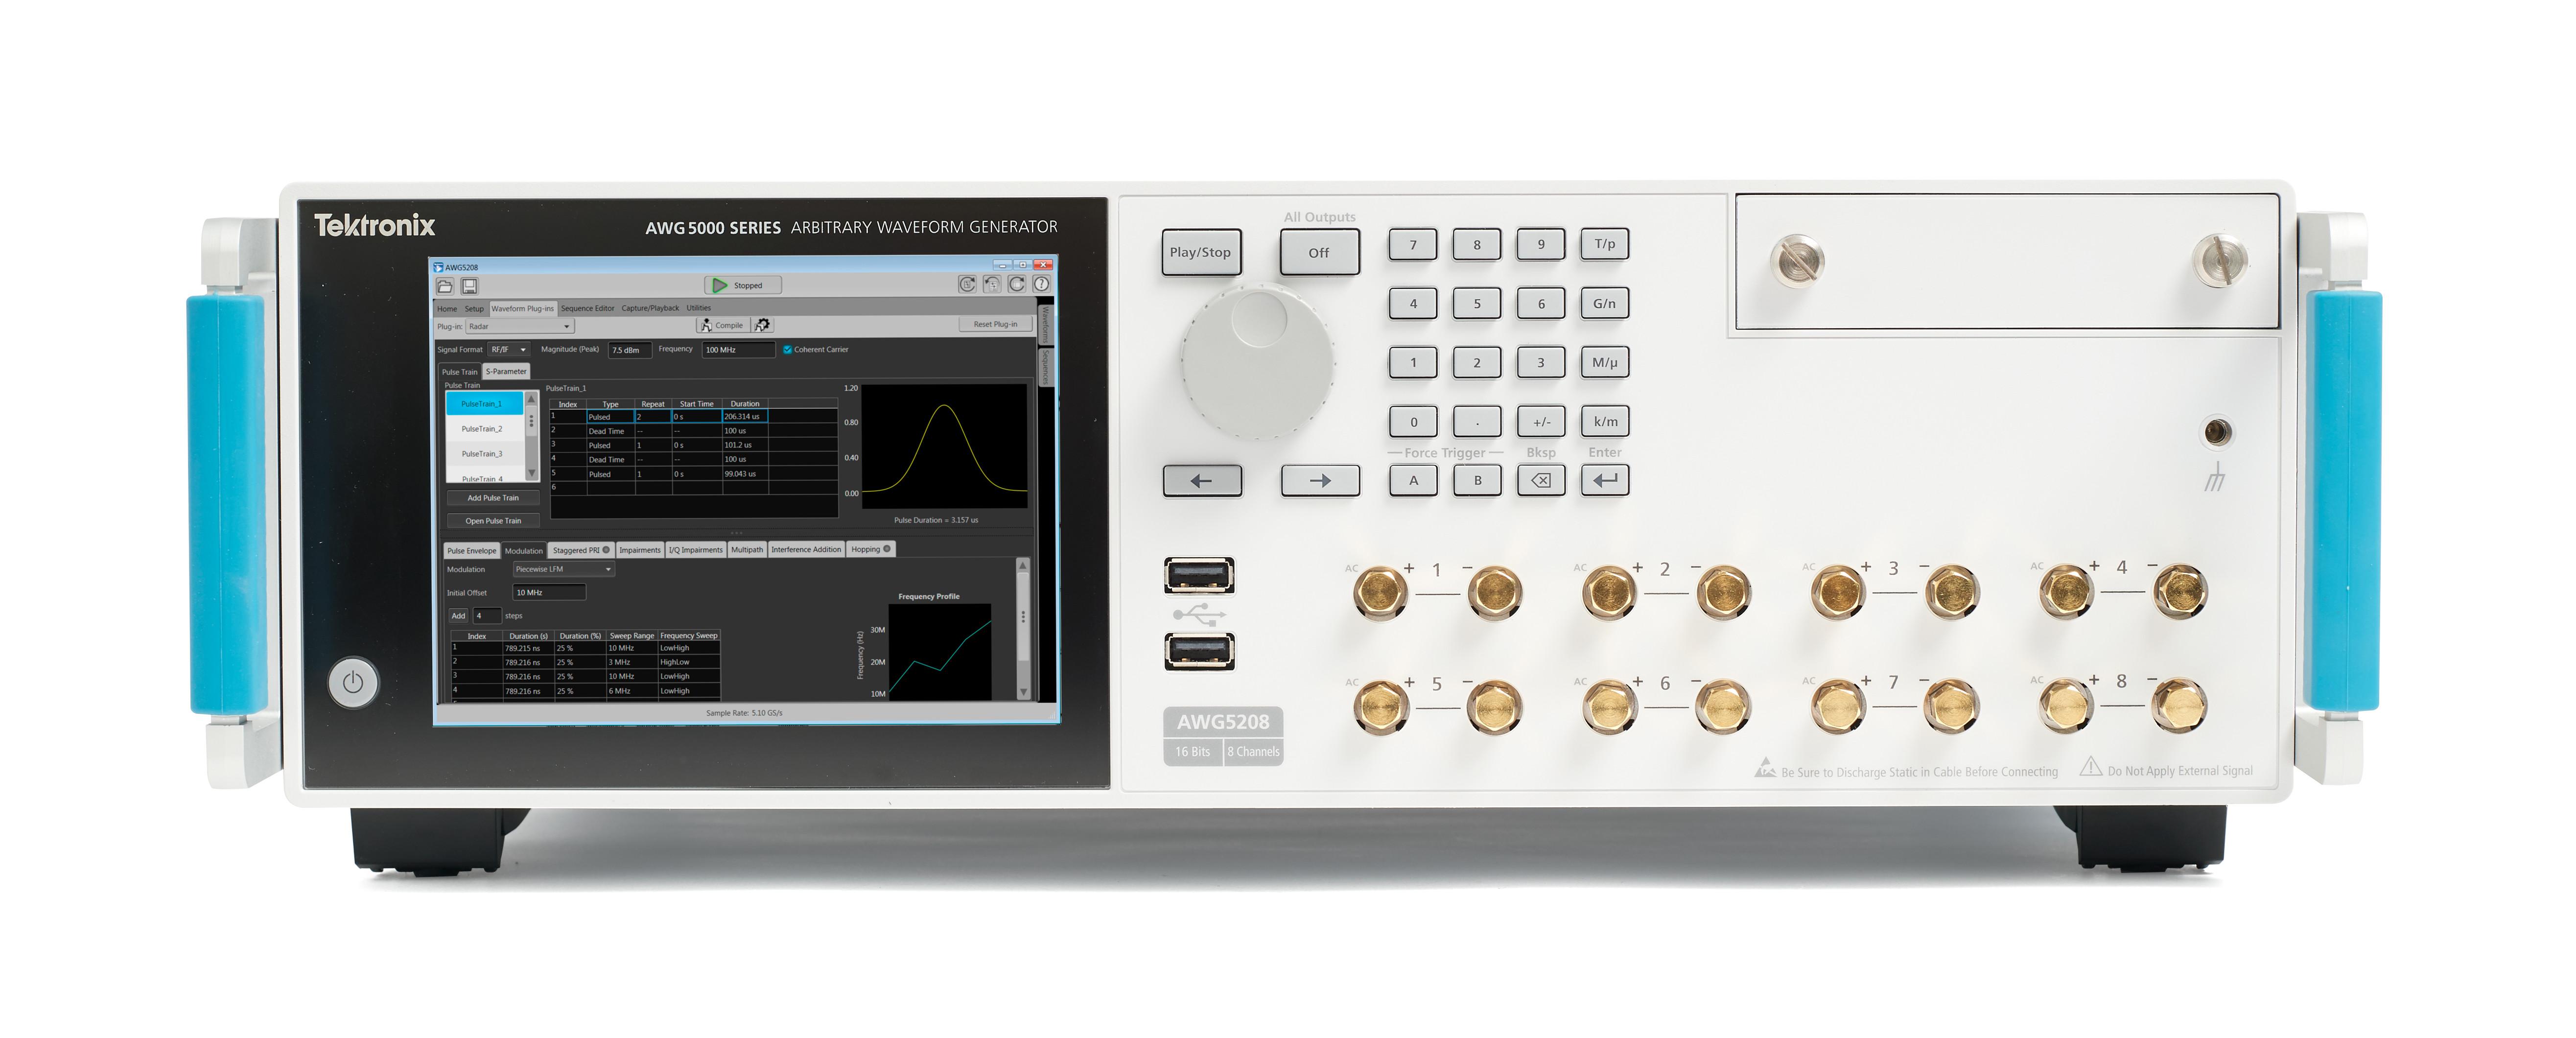 泰克最新任意波形发生器满足高级研究、 雷达/电子战争设计中苛刻的信号发生要求